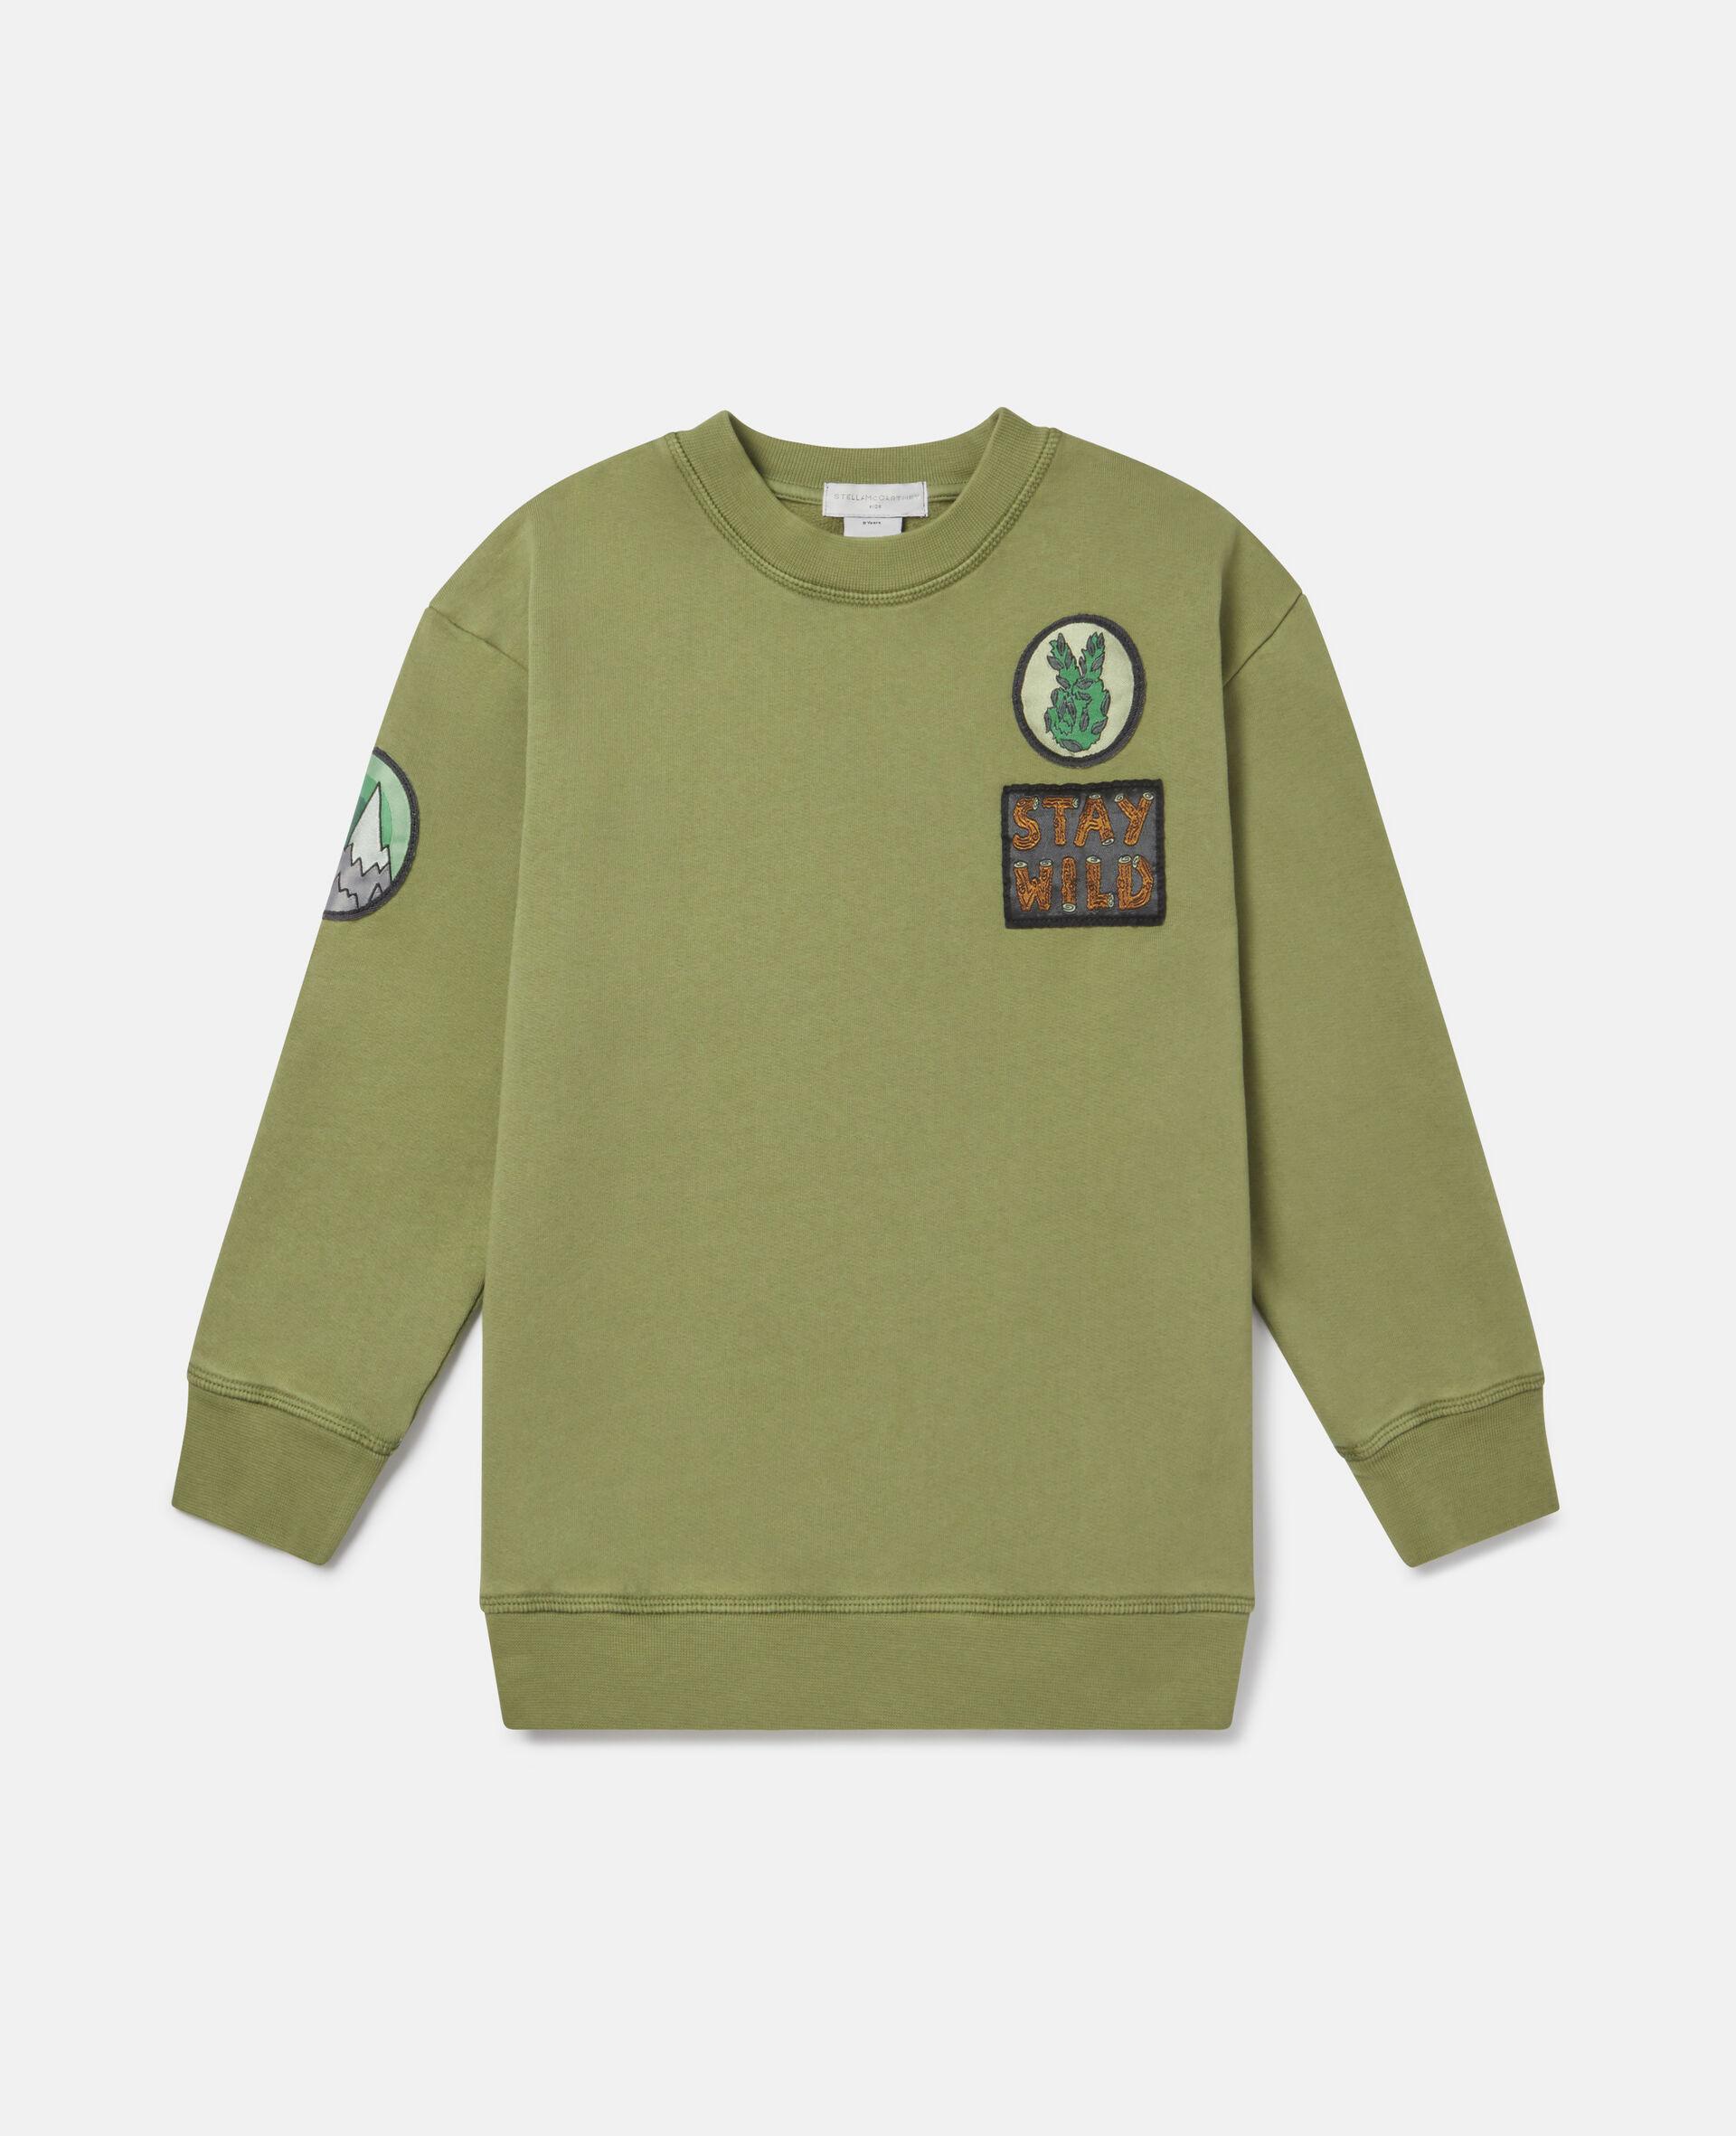 Oversized Mountain Fleece Sweatshirt-Green-large image number 0